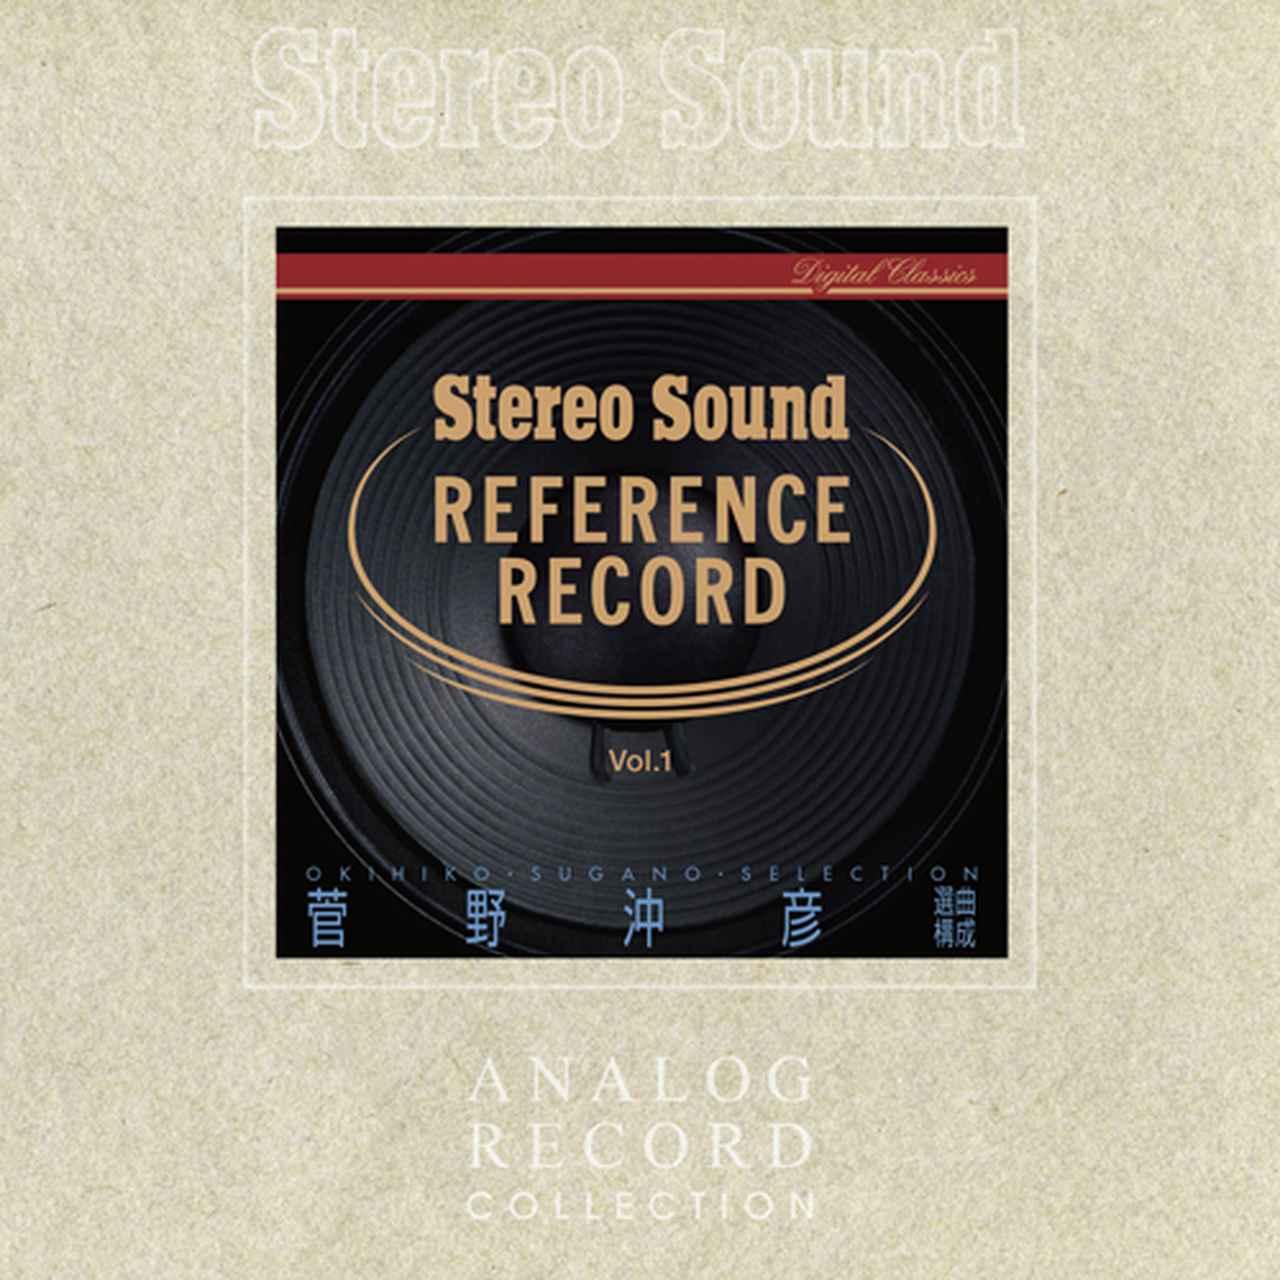 画像: ステレオサウンド リファレンス・レコード Vol.1 (アナログレコード2枚組) SSAR-028~029 アナログレコード 33回転 180g 重量盤2枚組 ¥10,800(税込) www.stereosound-store.jp